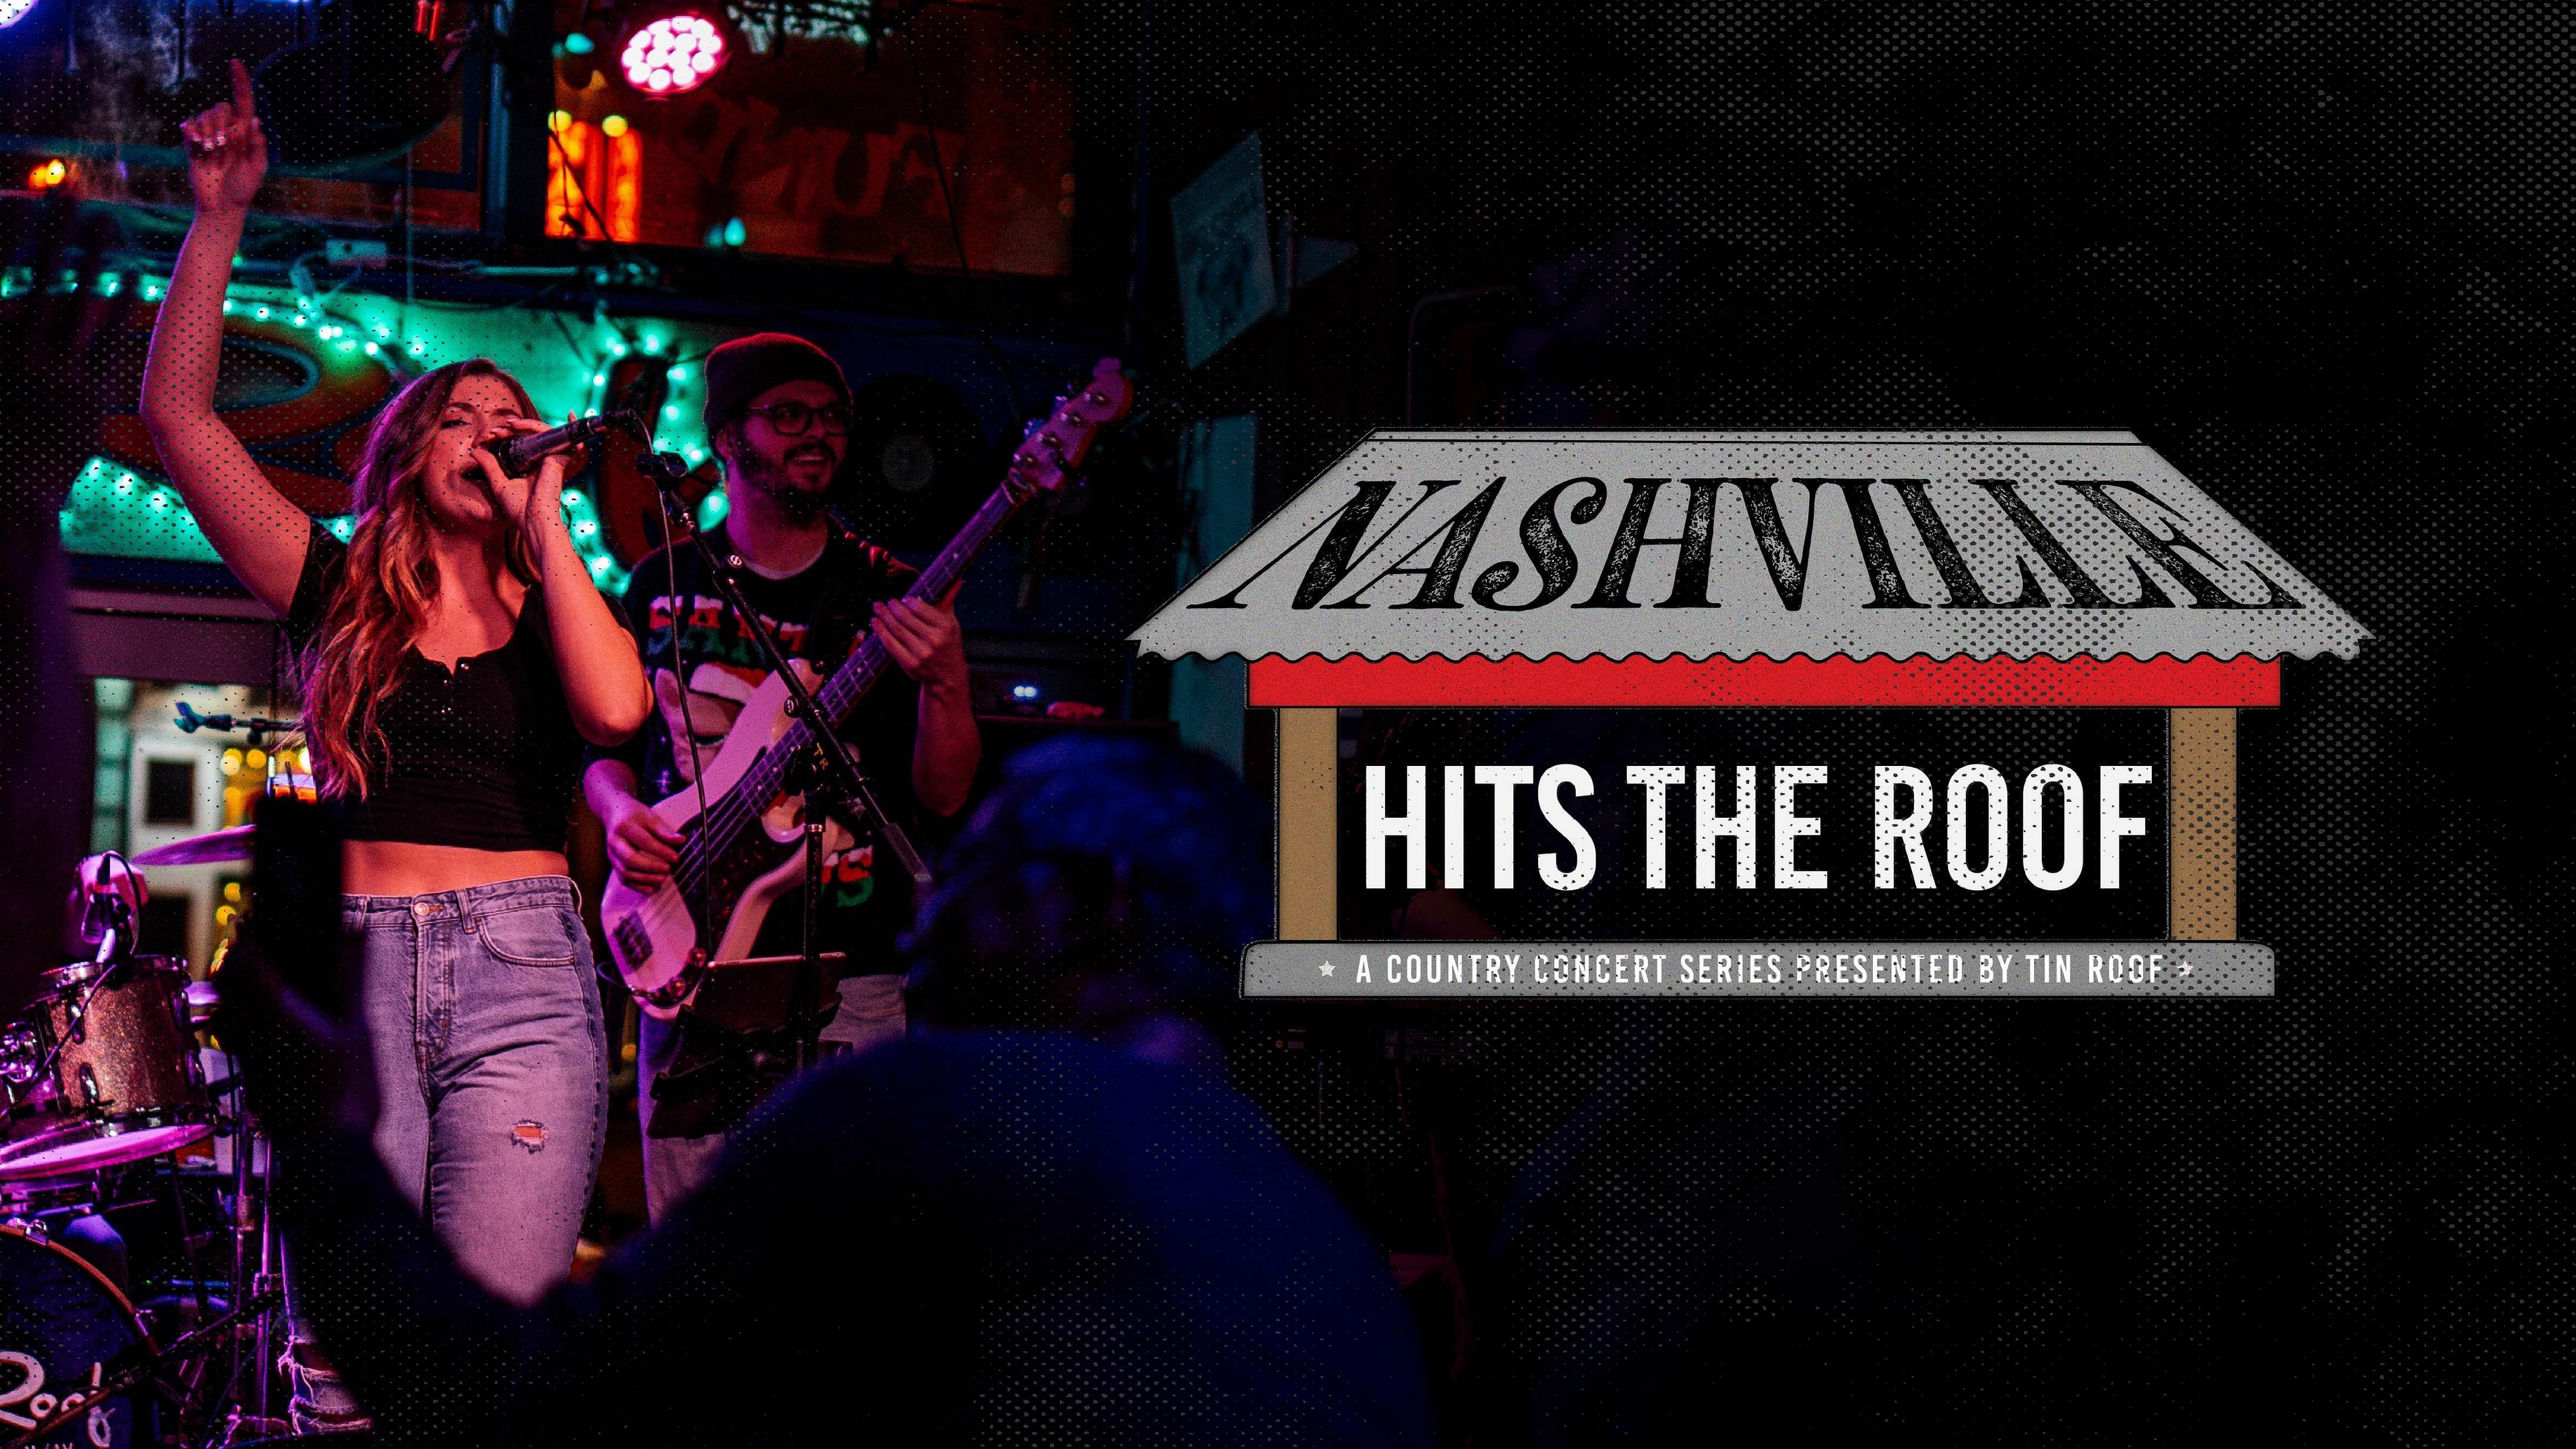 April 23 – Tyler Reese Tritt (Nashville Hits The Roof Series) POSTPONED